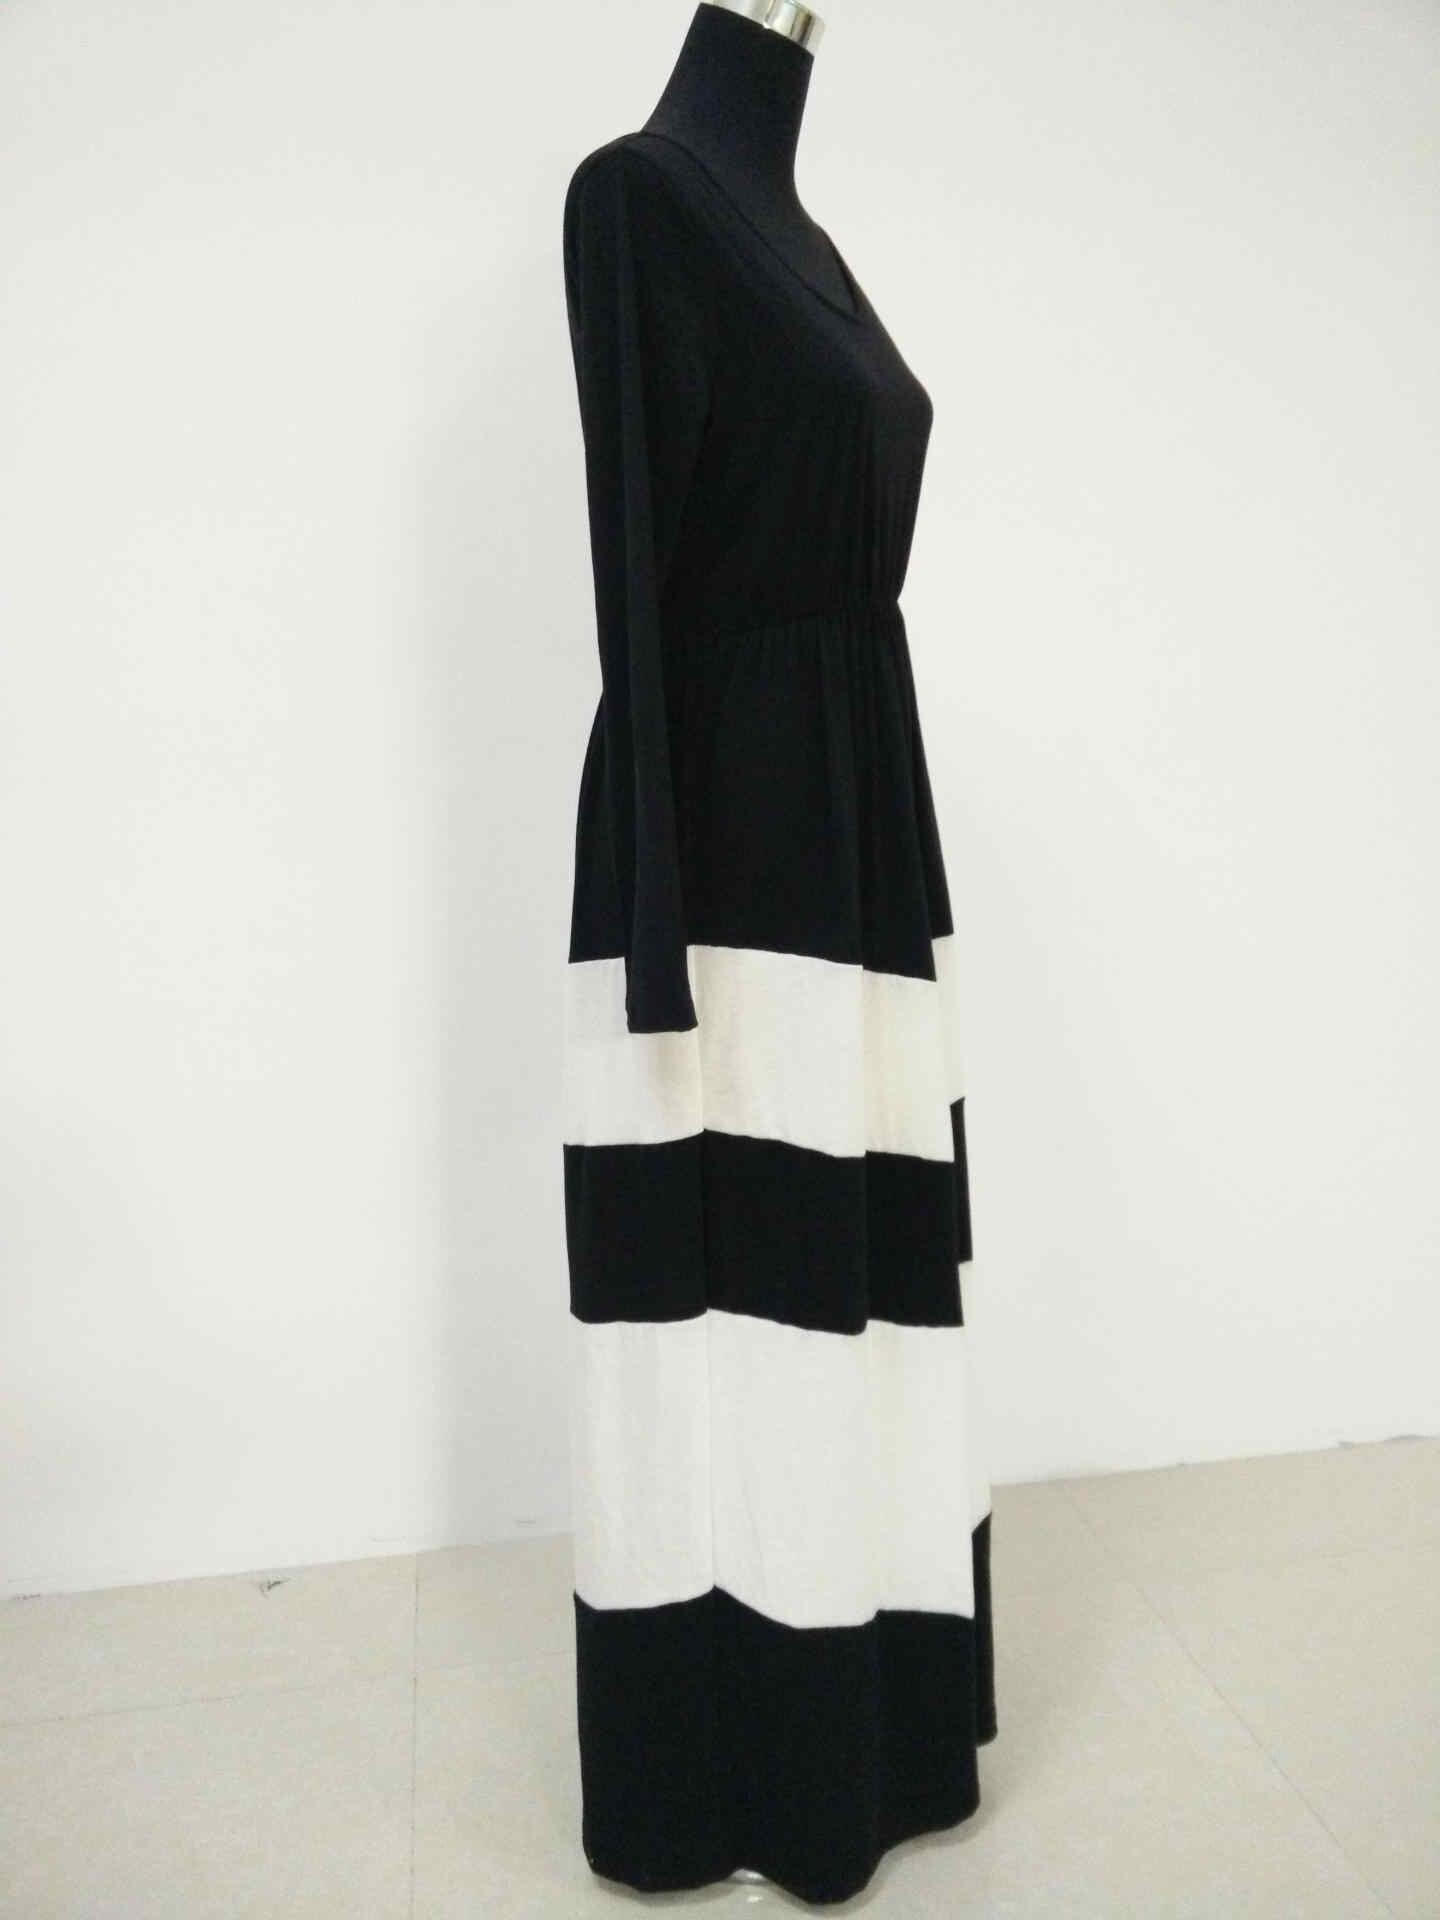 2017 г., платье для мамы и дочки весенне-осеннее черно-белое платье с длинными рукавами пляжные платья для девушек, длинное платье для мамы и ребенка